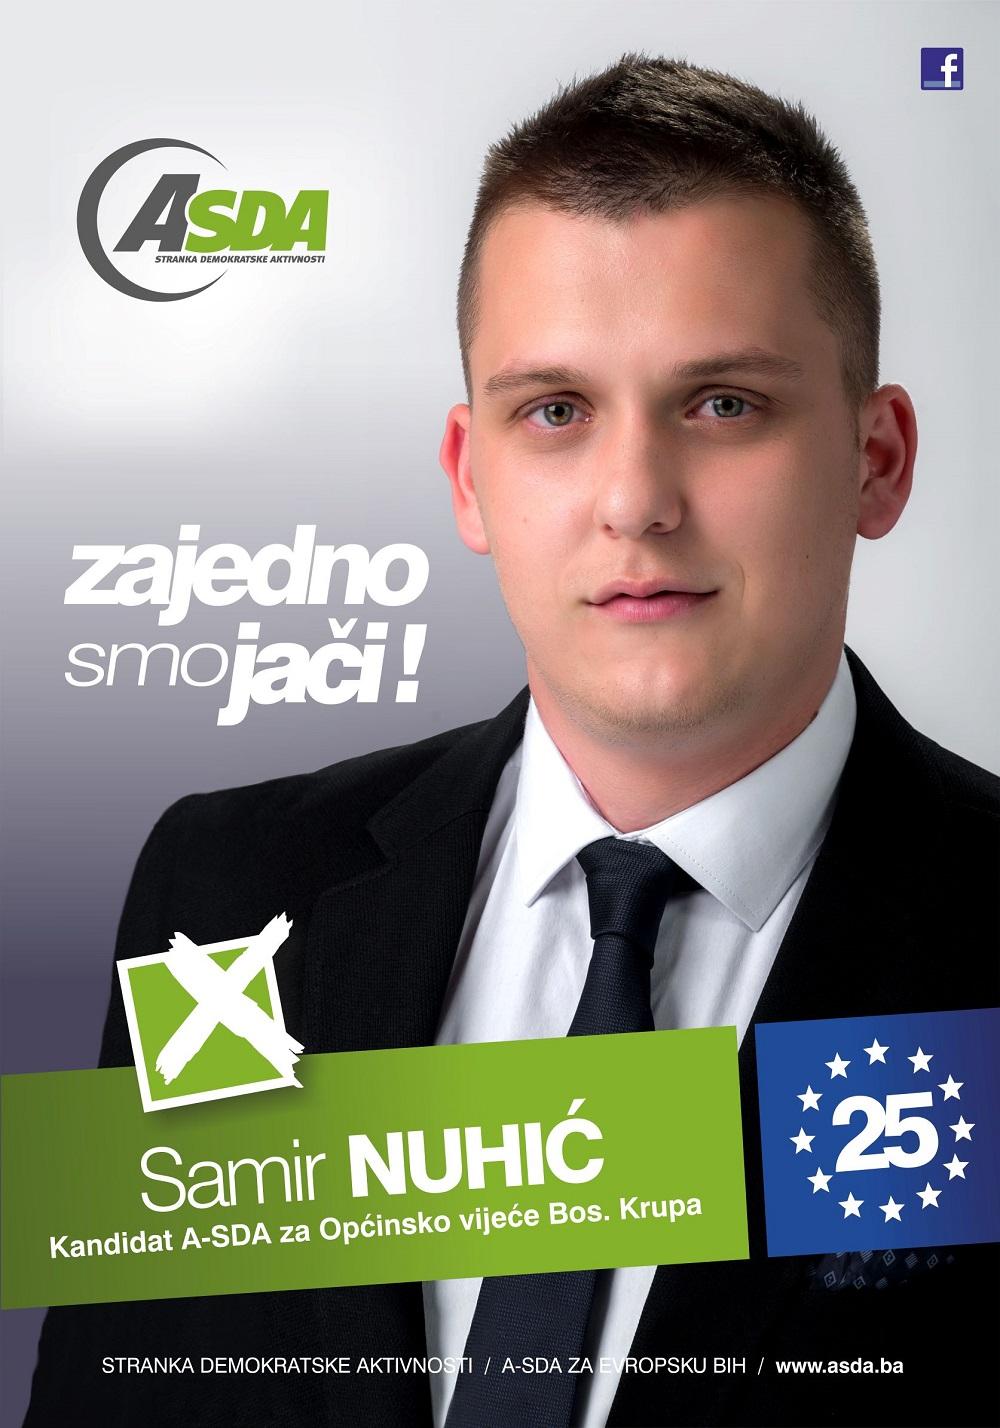 Samir Nuhić je rođen 24. januara 1995. godine u Pištalinama, općina Bosanska Krupa. Osnovnu školu je završio u Bosanskoj Krupi, a srednju mašinsko-saobraćajnu u Bihaću, nakon čega upisuje Visoku međunarodnu […]